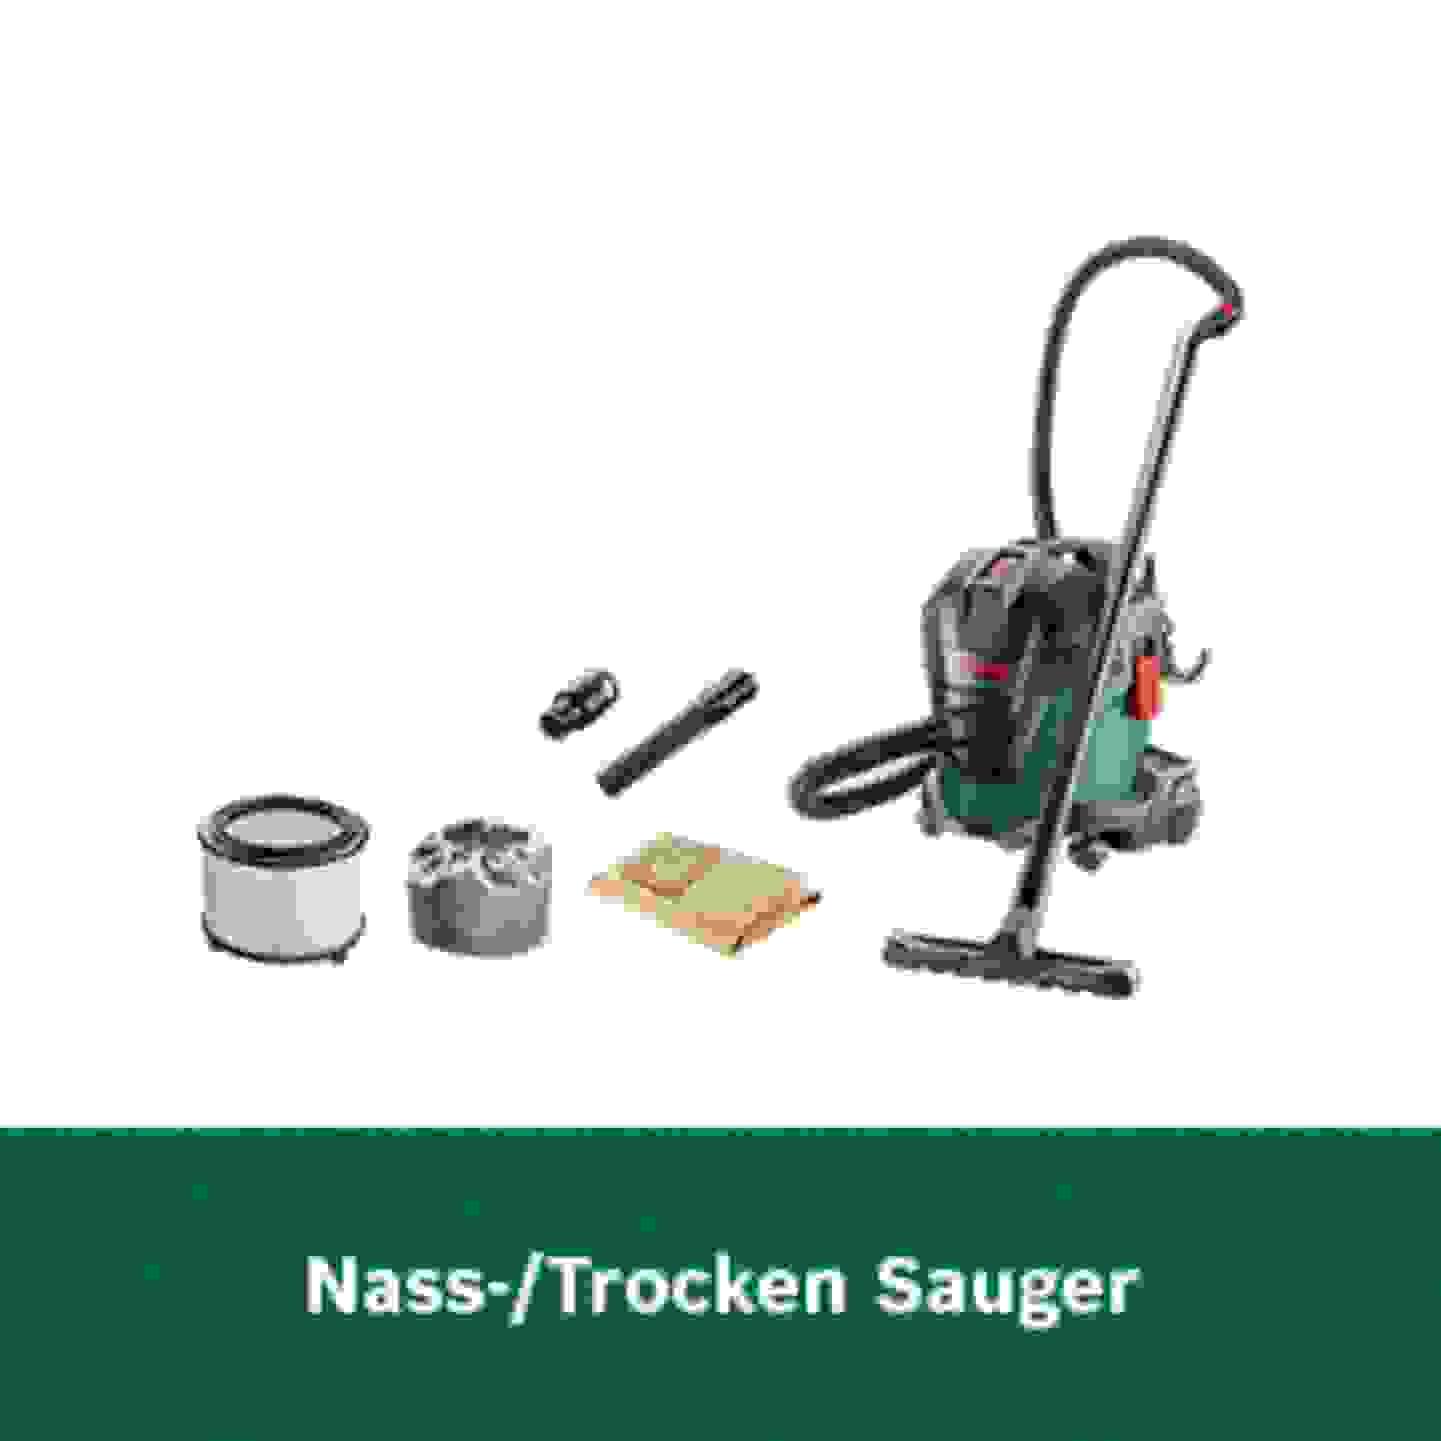 Nass-/ Trocken Sauger